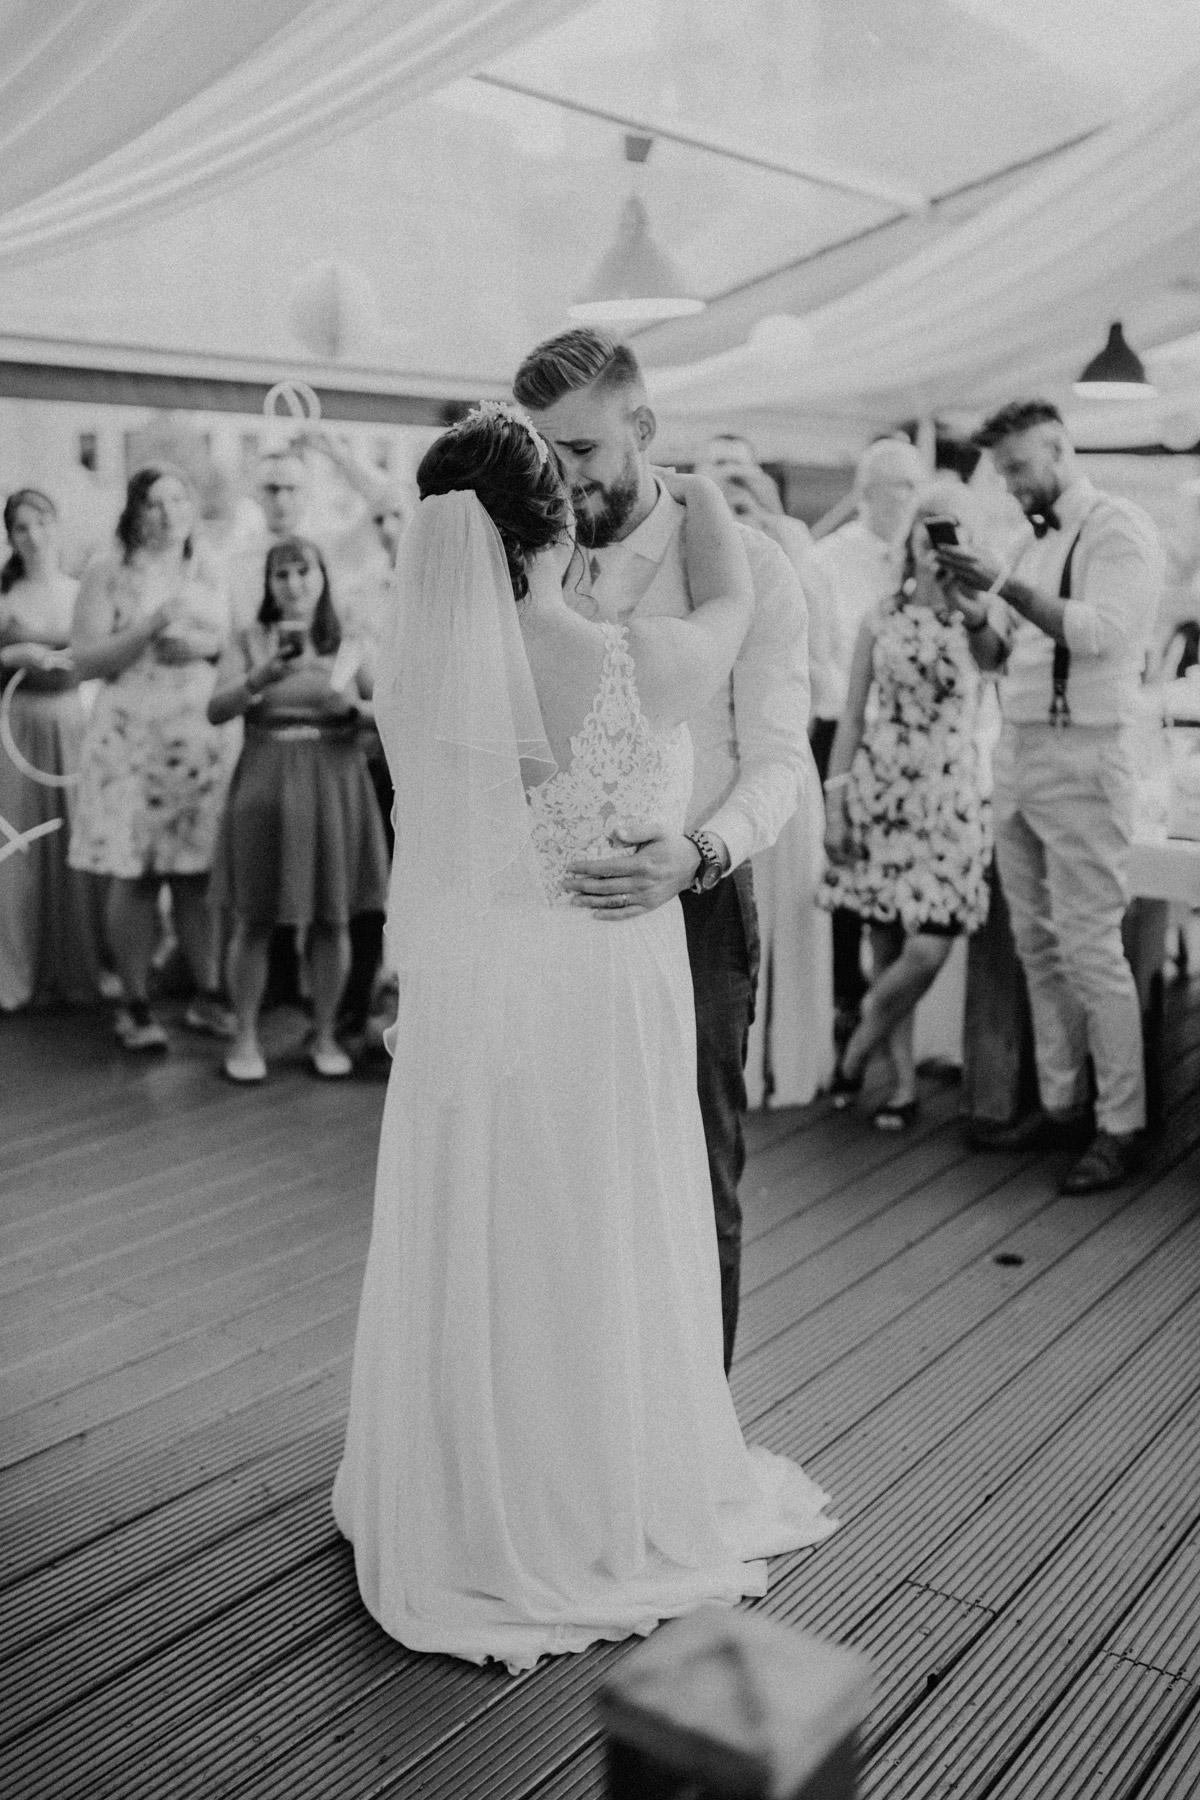 Tanz auf der Hochzeitfeier Programm auf iLand Pier13 Hochzeit von Hochzeitsfotograf Berlin © www.hochzeitslicht.de #hochzeitslicht - iLand Pier13 Hochzeit von Hochzeitsfotograf Berlin © www.hochzeitslicht.de #hochzeitslicht